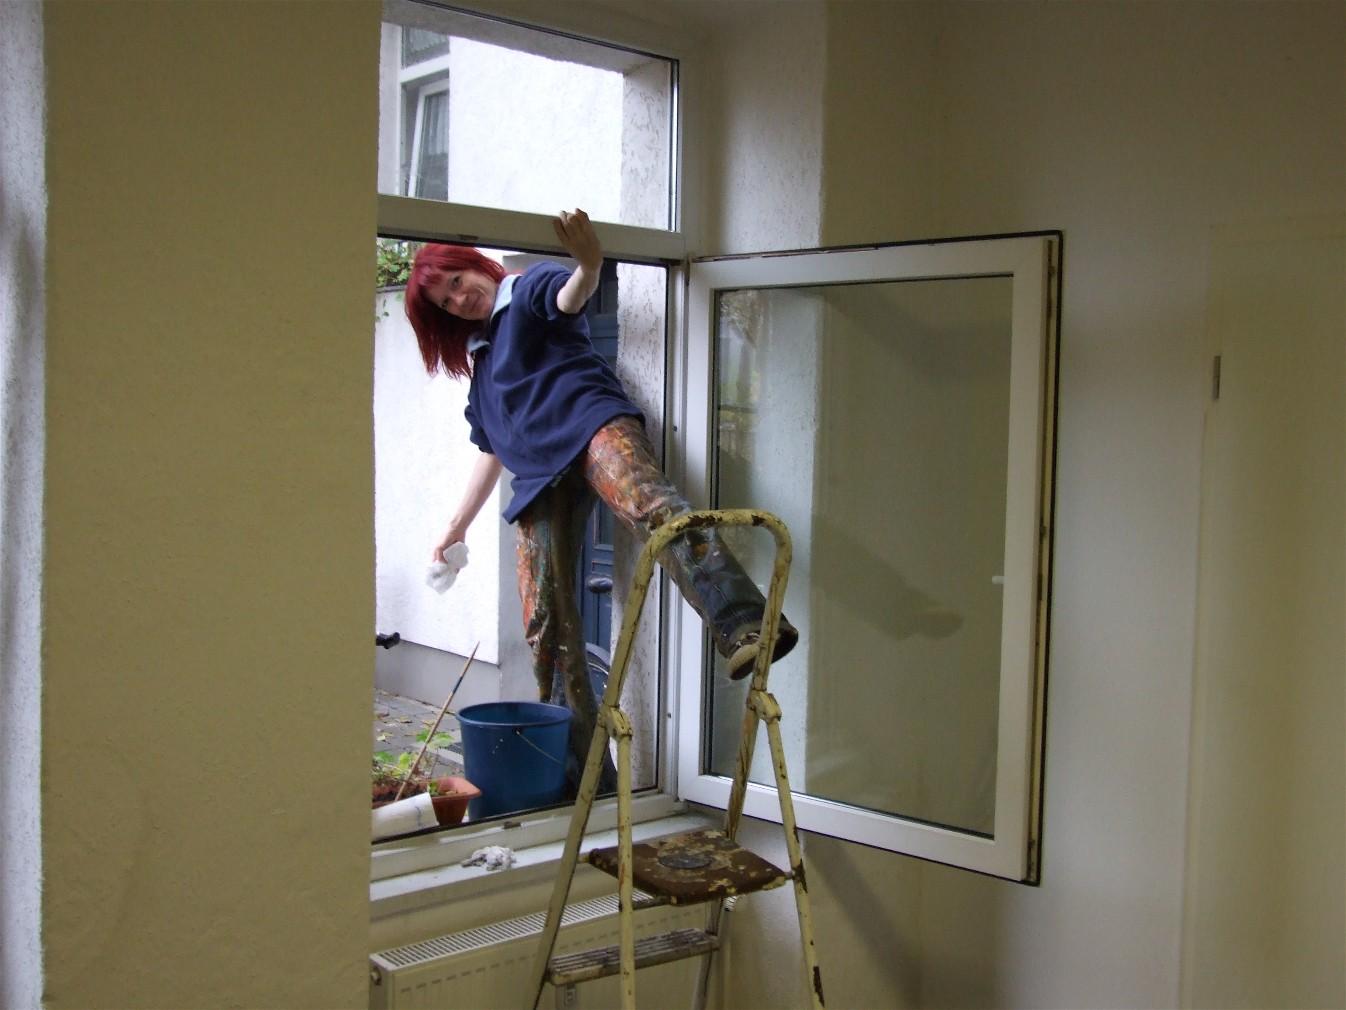 Neues atelier in magdeburg buckau abstrakte kunst - Am besten fenster putzen ...